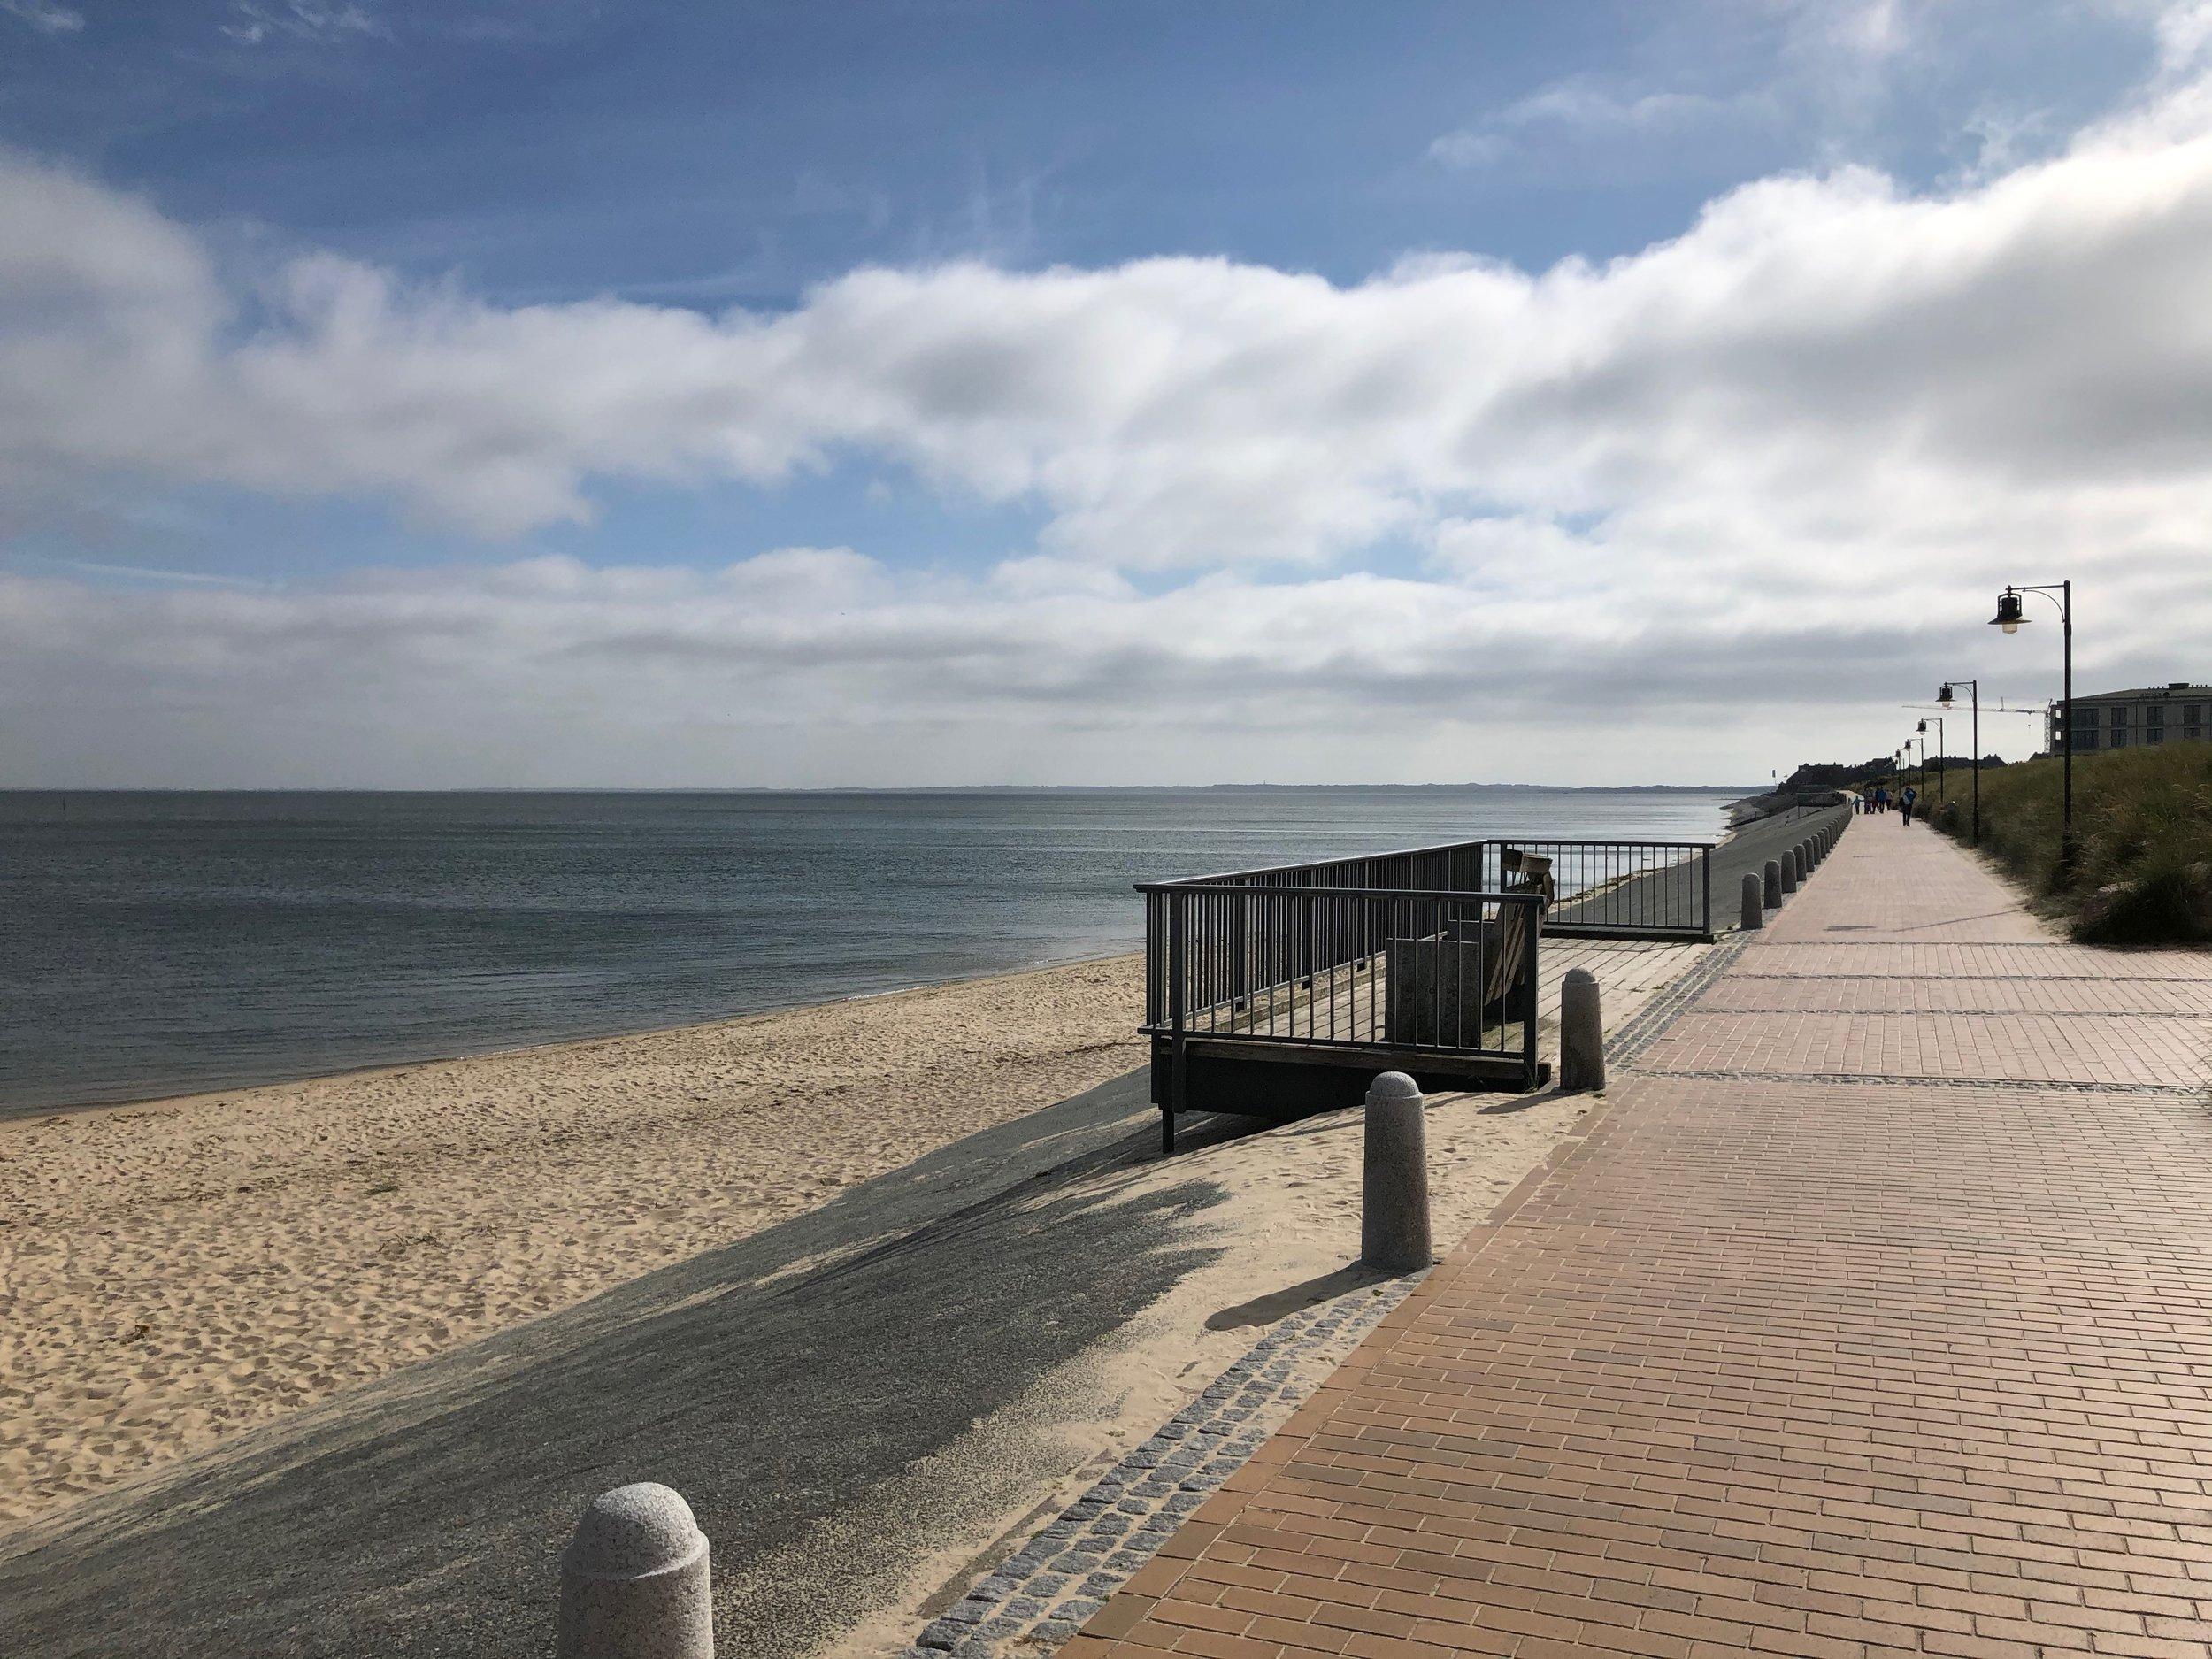 Promenade List südlich vom Hafen